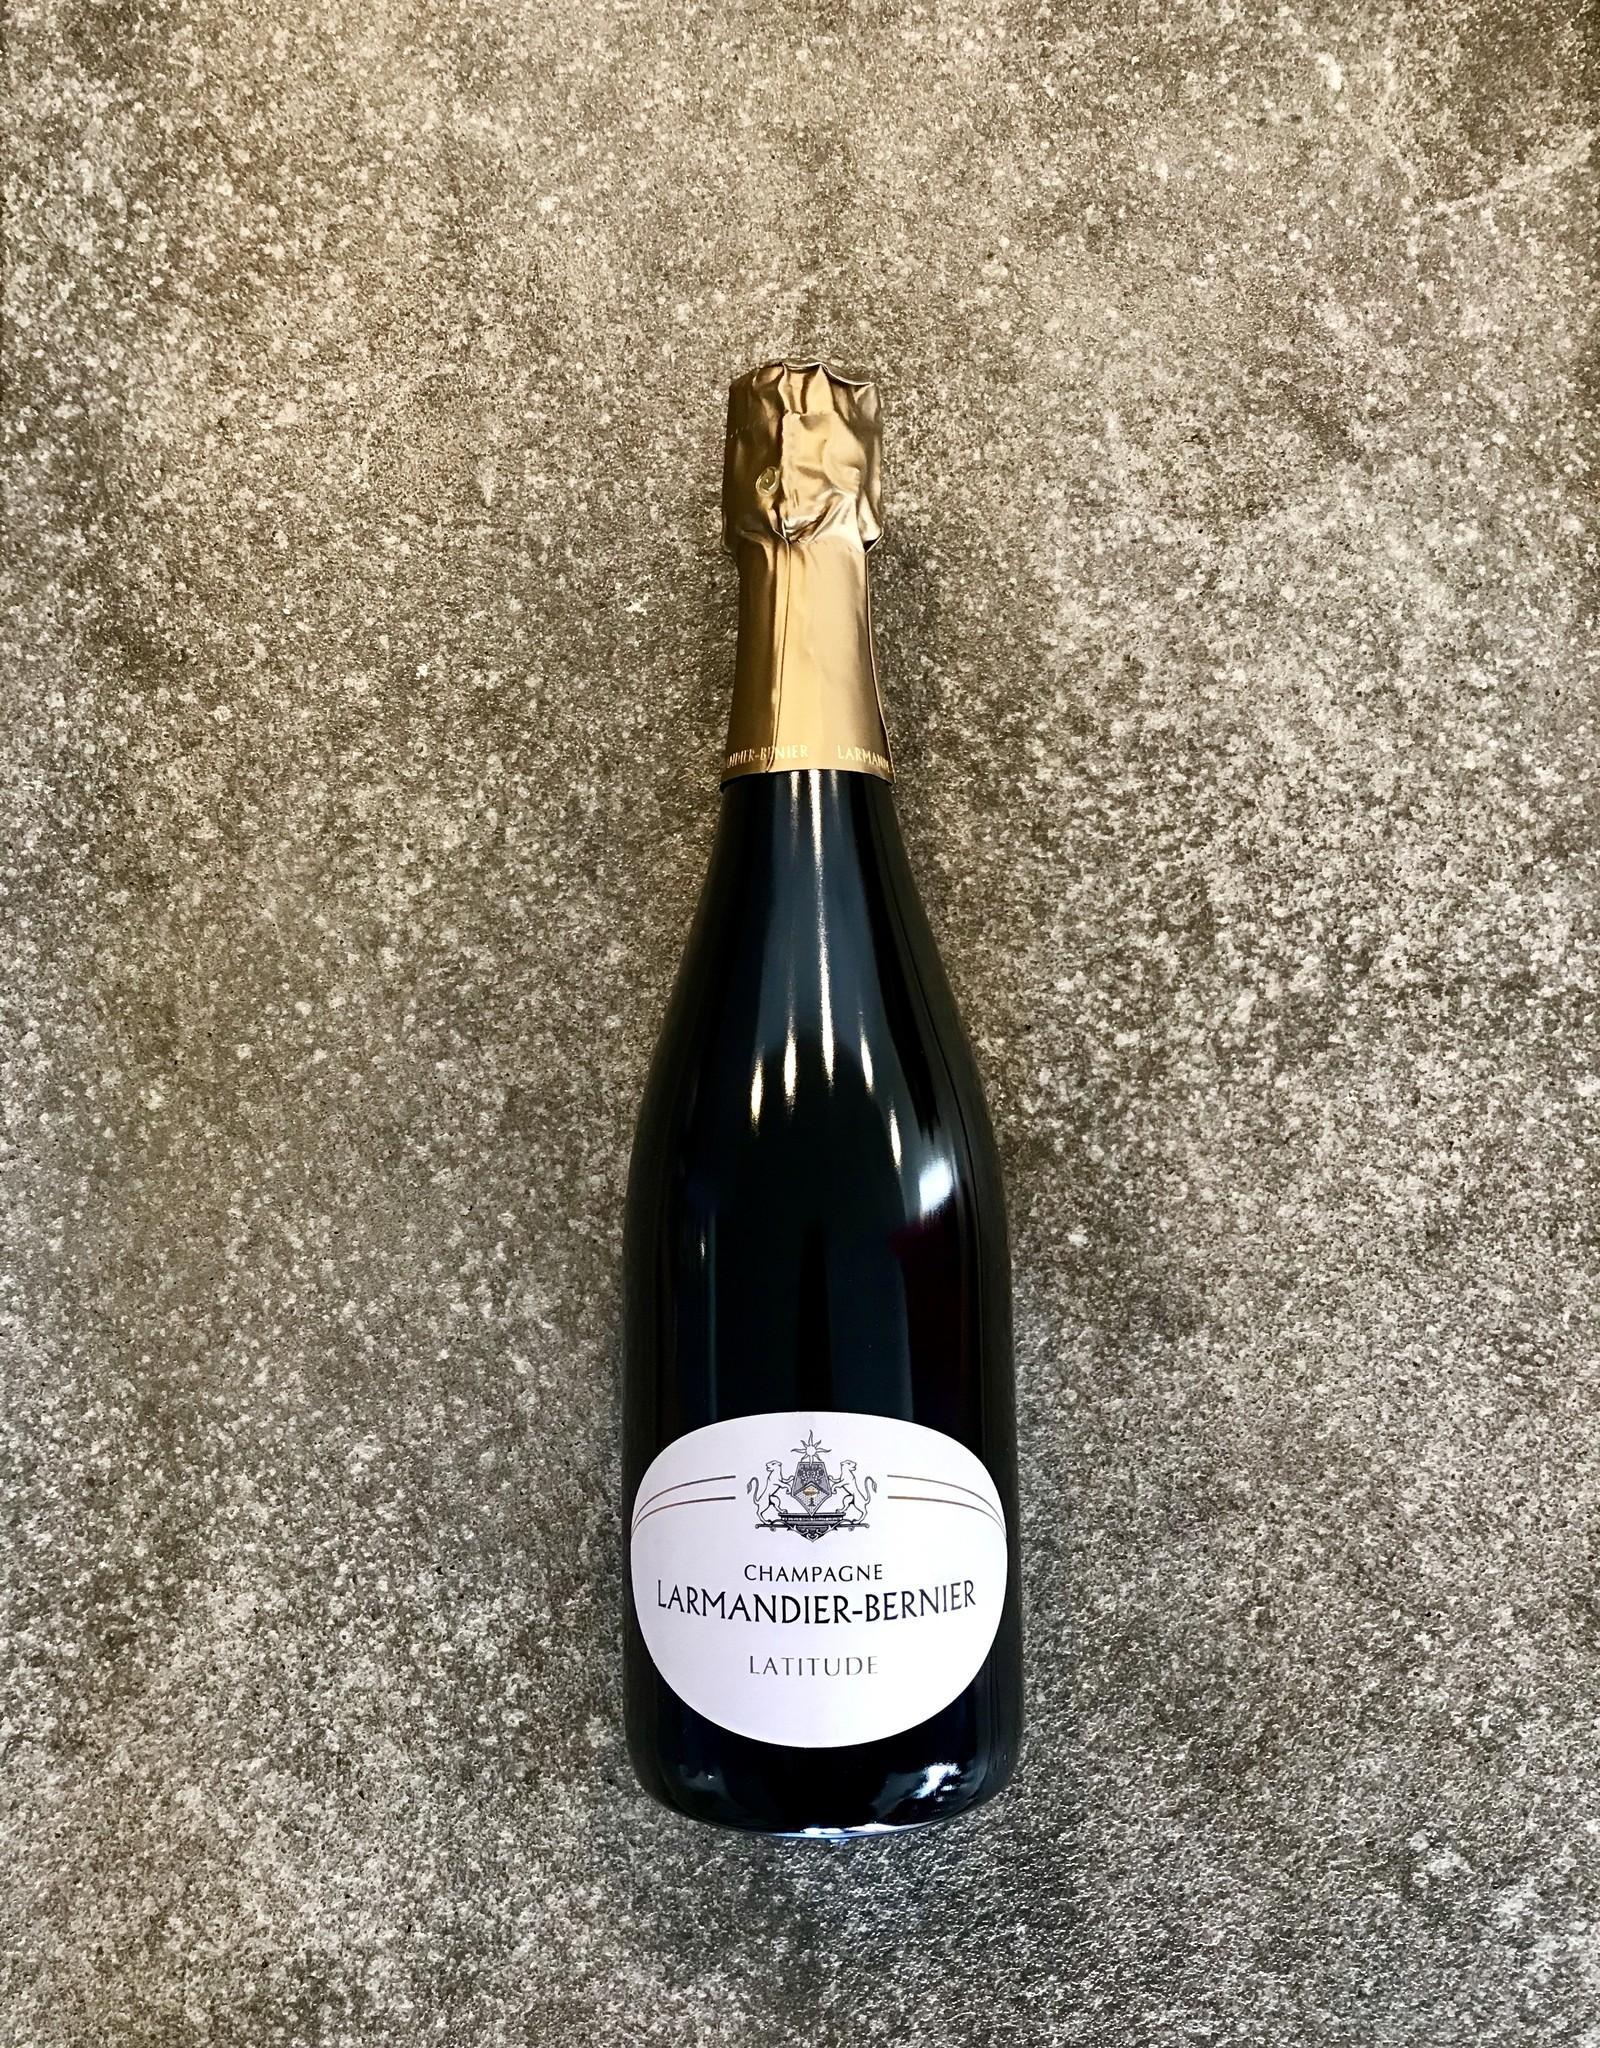 Champagne Larmandier-Bernier Latitude Blanc de Blancs Extra Brut